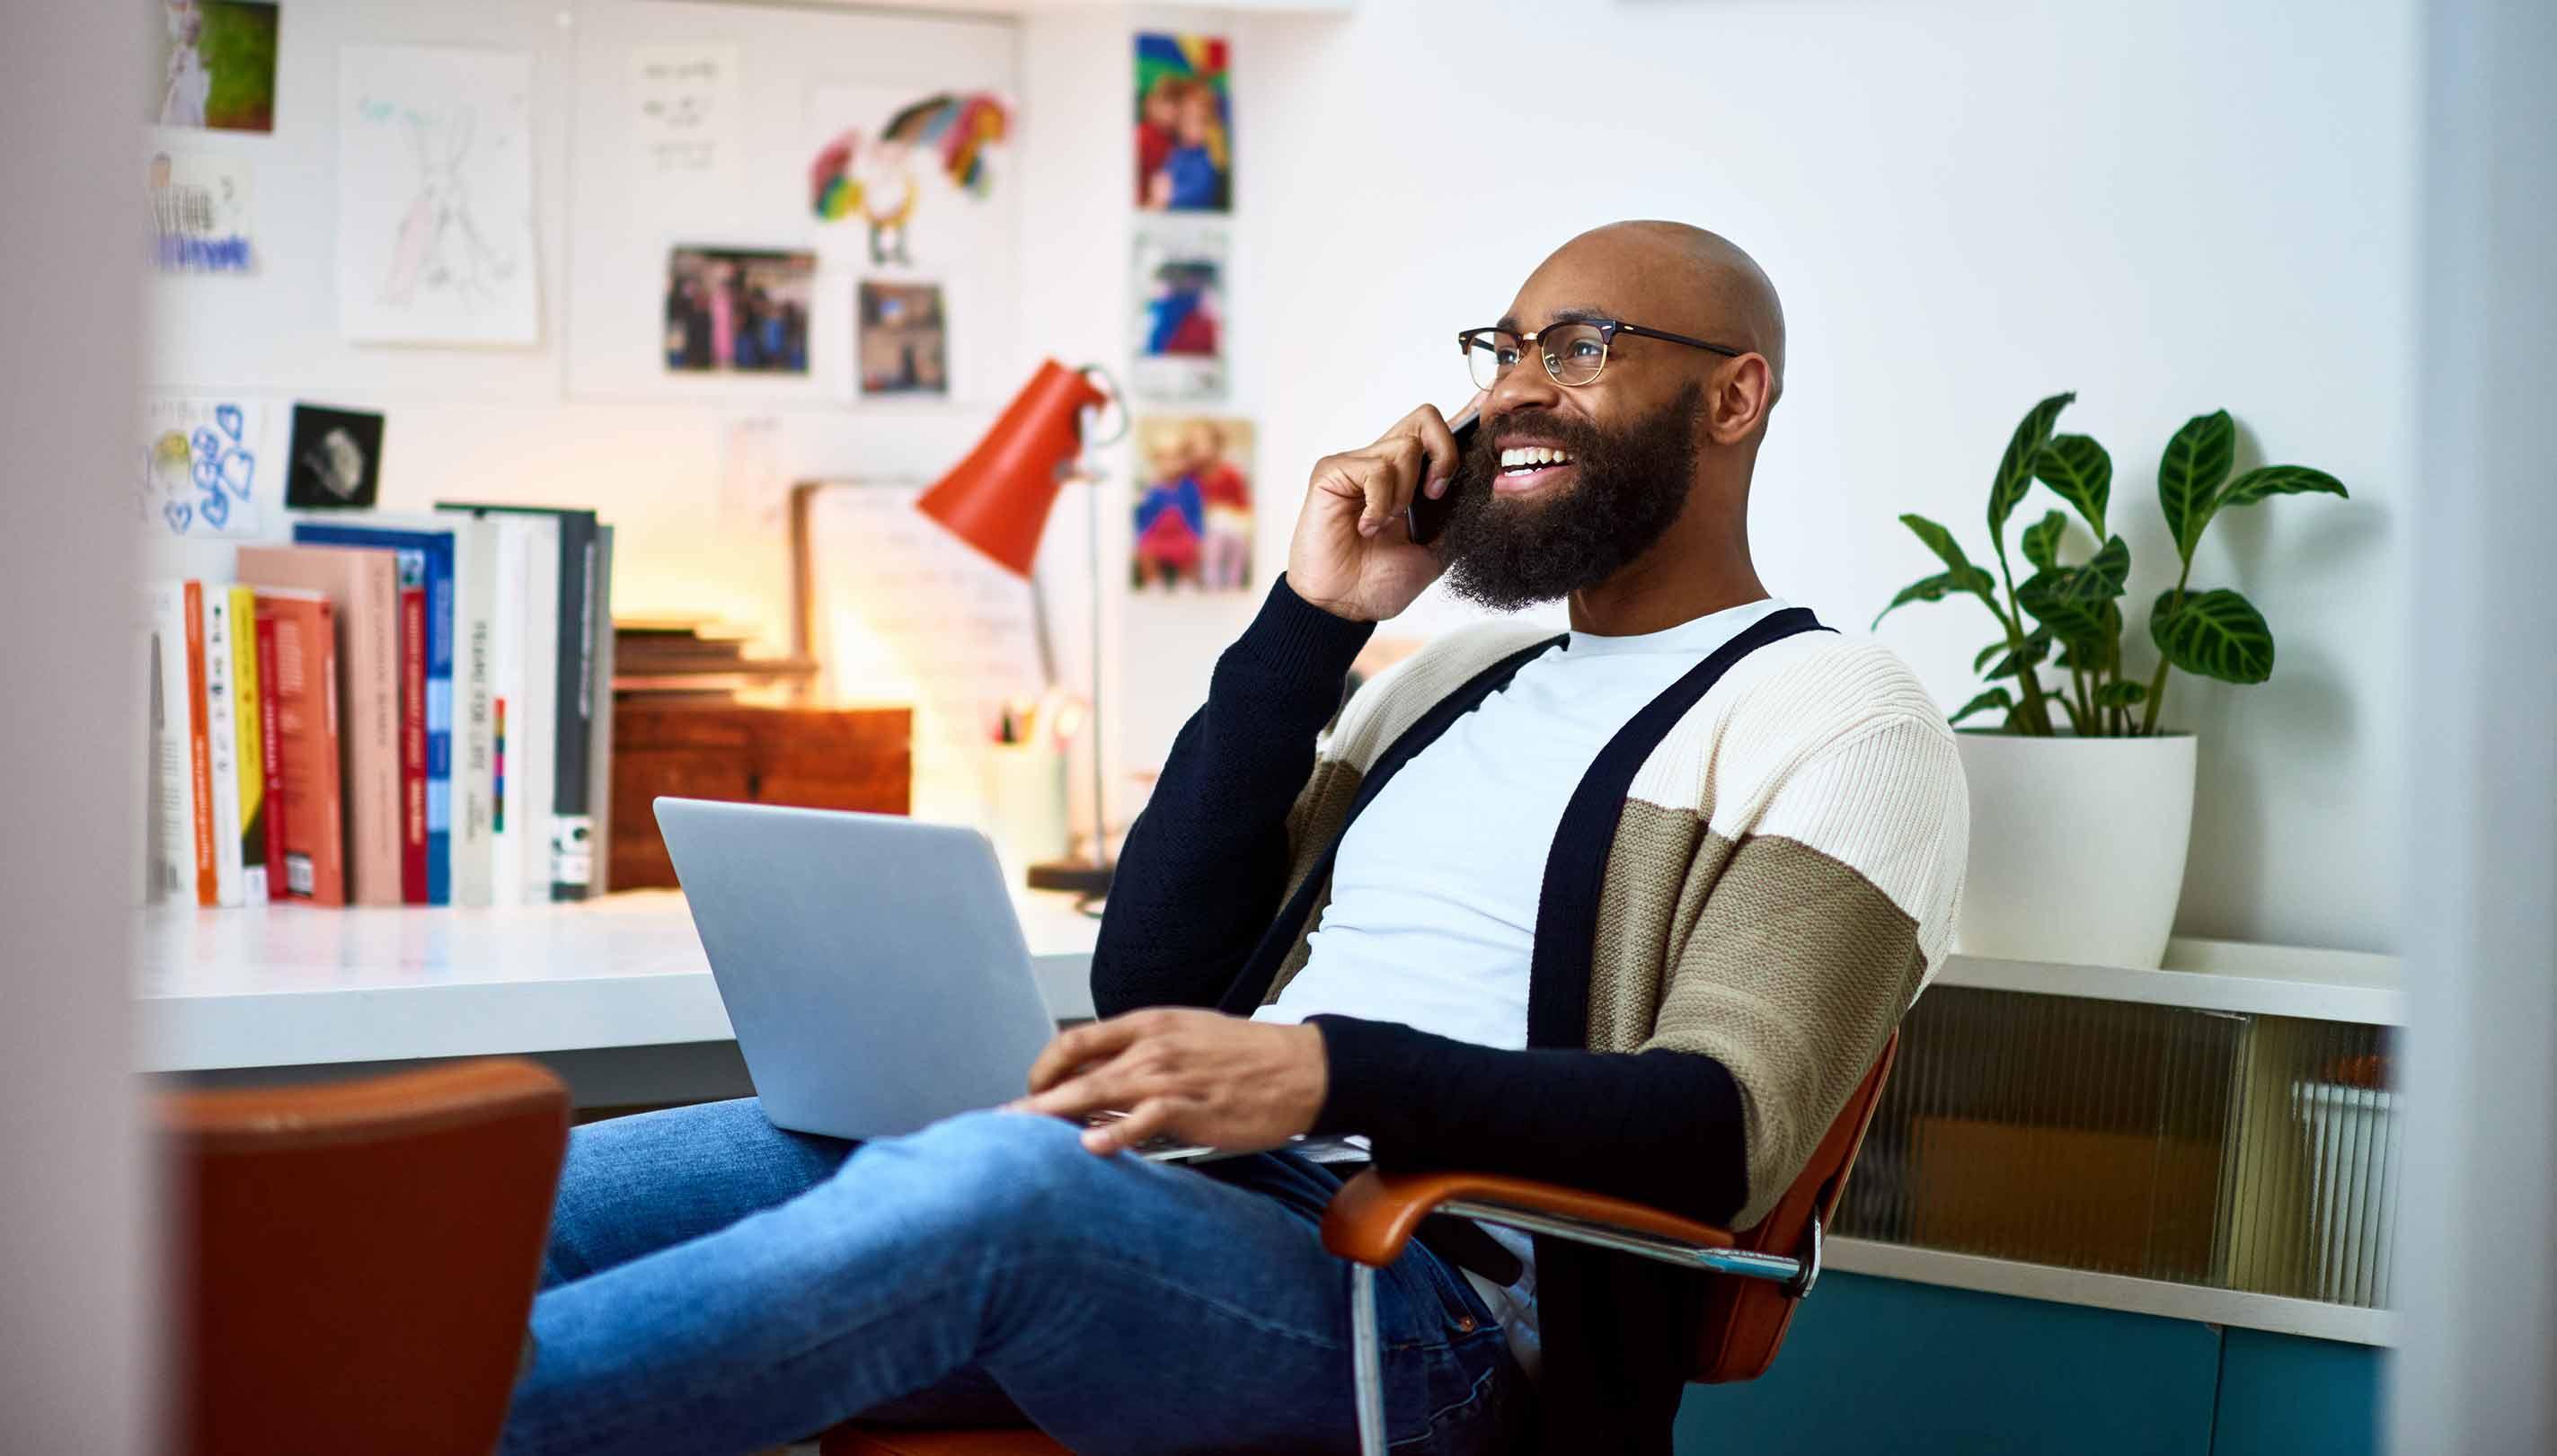 Un homme qui sourit alors qu'il travaille dans un bureau moderne à domicile.